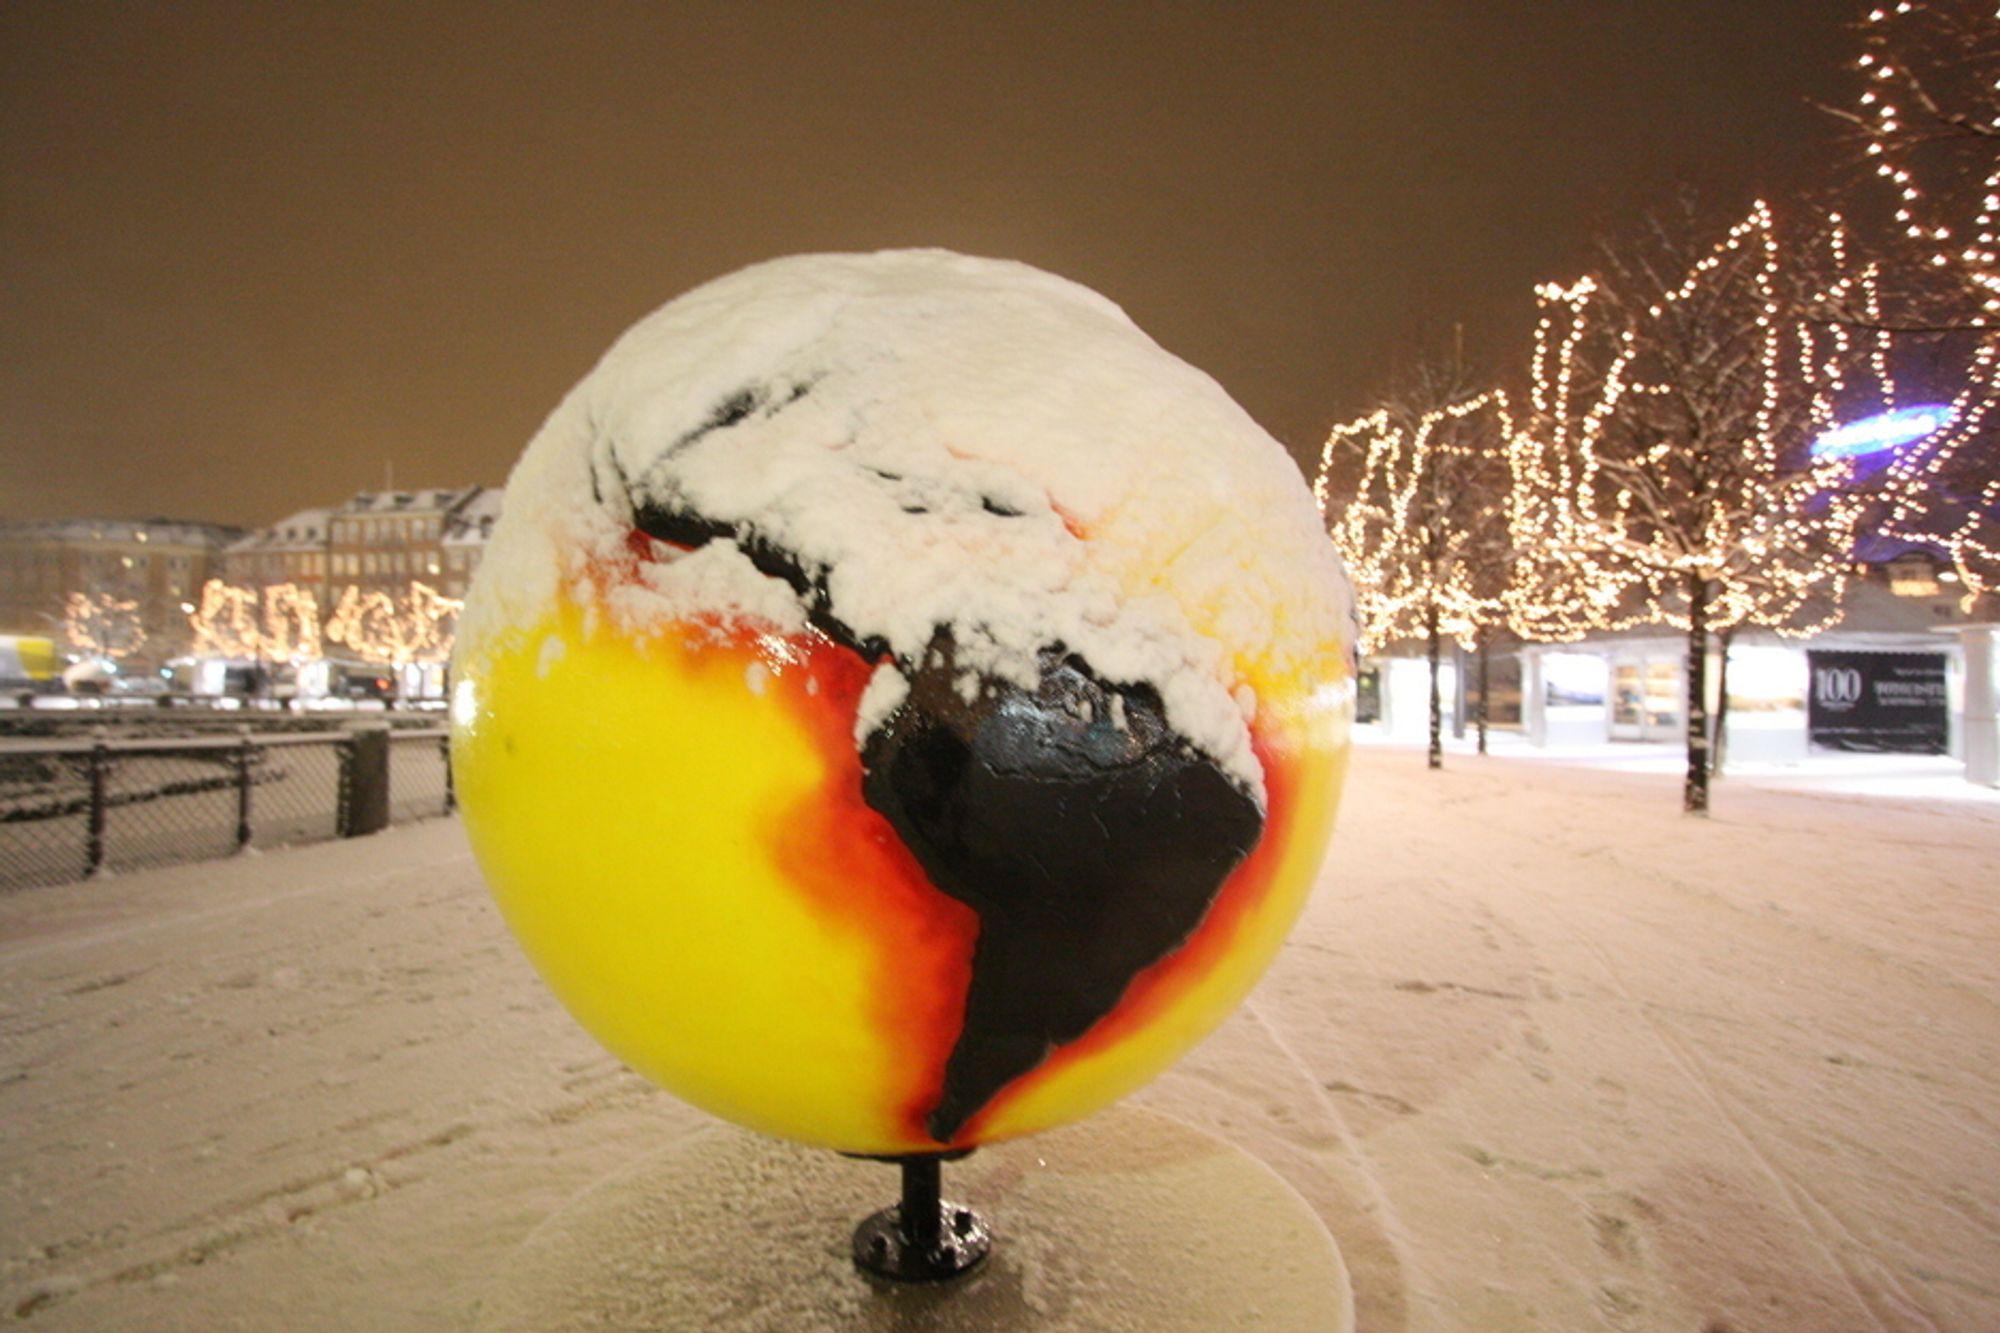 FORHANDLINGENE FROSSET: Mens snøen lavet ned i København onsdag kveld frøs forhandlingene. Nå frykter både organisasjoner, forskere og politikere at ingenting annet enn en løs erklæring kommer ut av København.